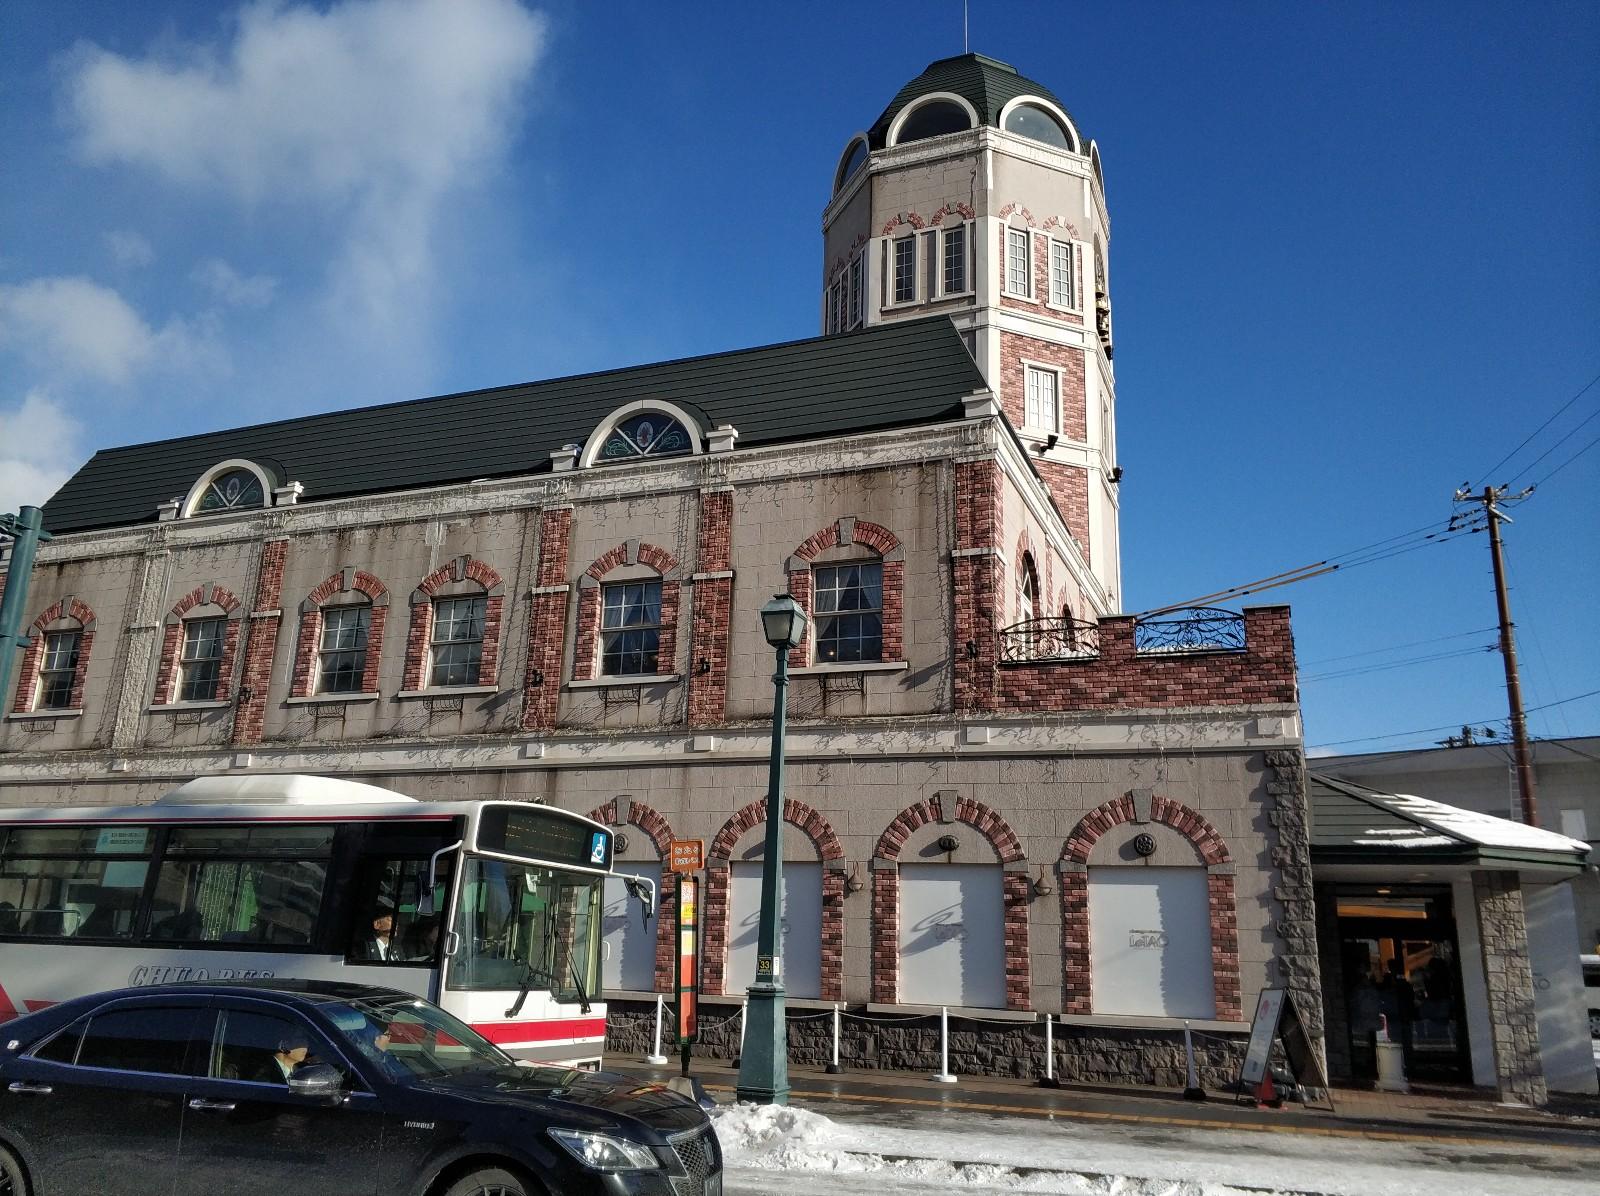 冬日小樽,一座童话般的浪漫城市